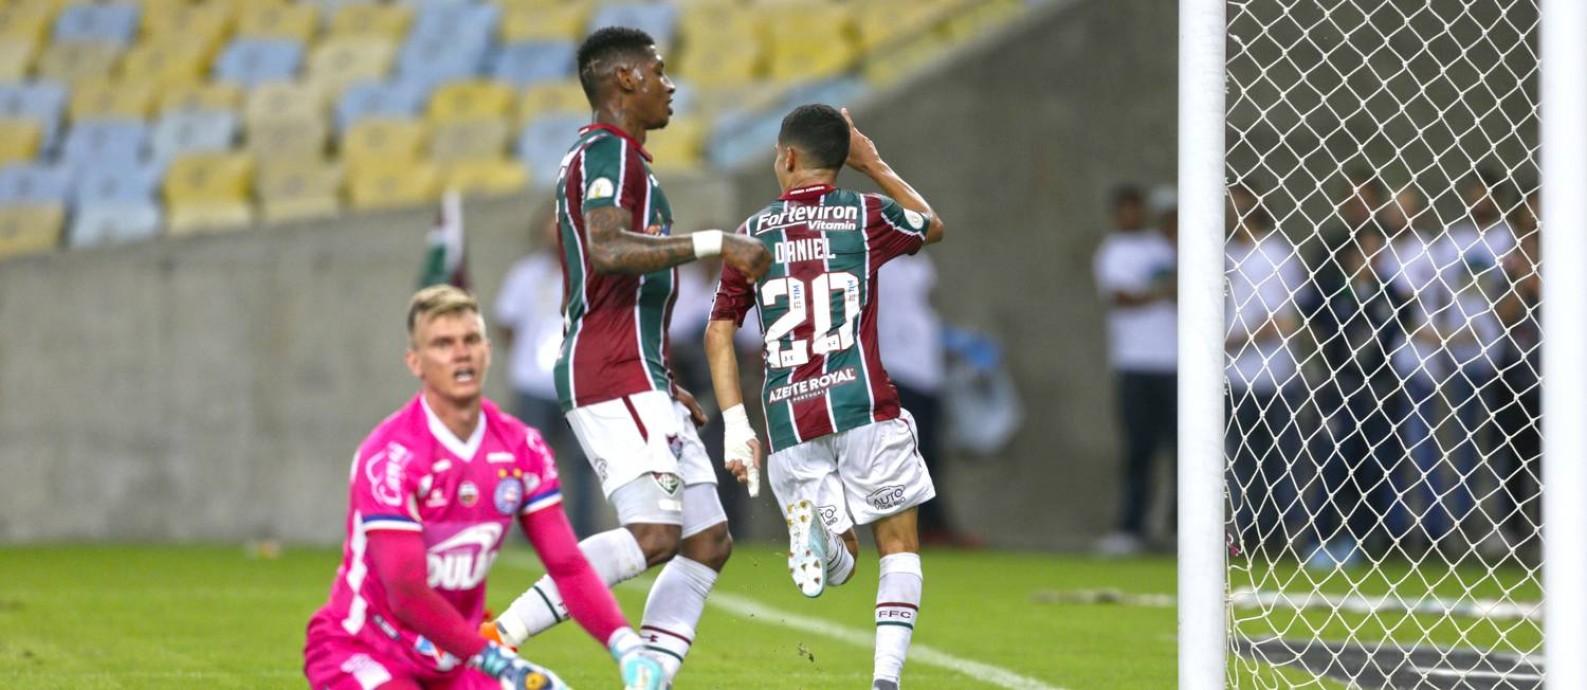 Diante de um desolado goleiro Douglas, Daniel corre para comemoar o segundo gol do Fluminense Foto: Antonio Scorza / Agência O Globo